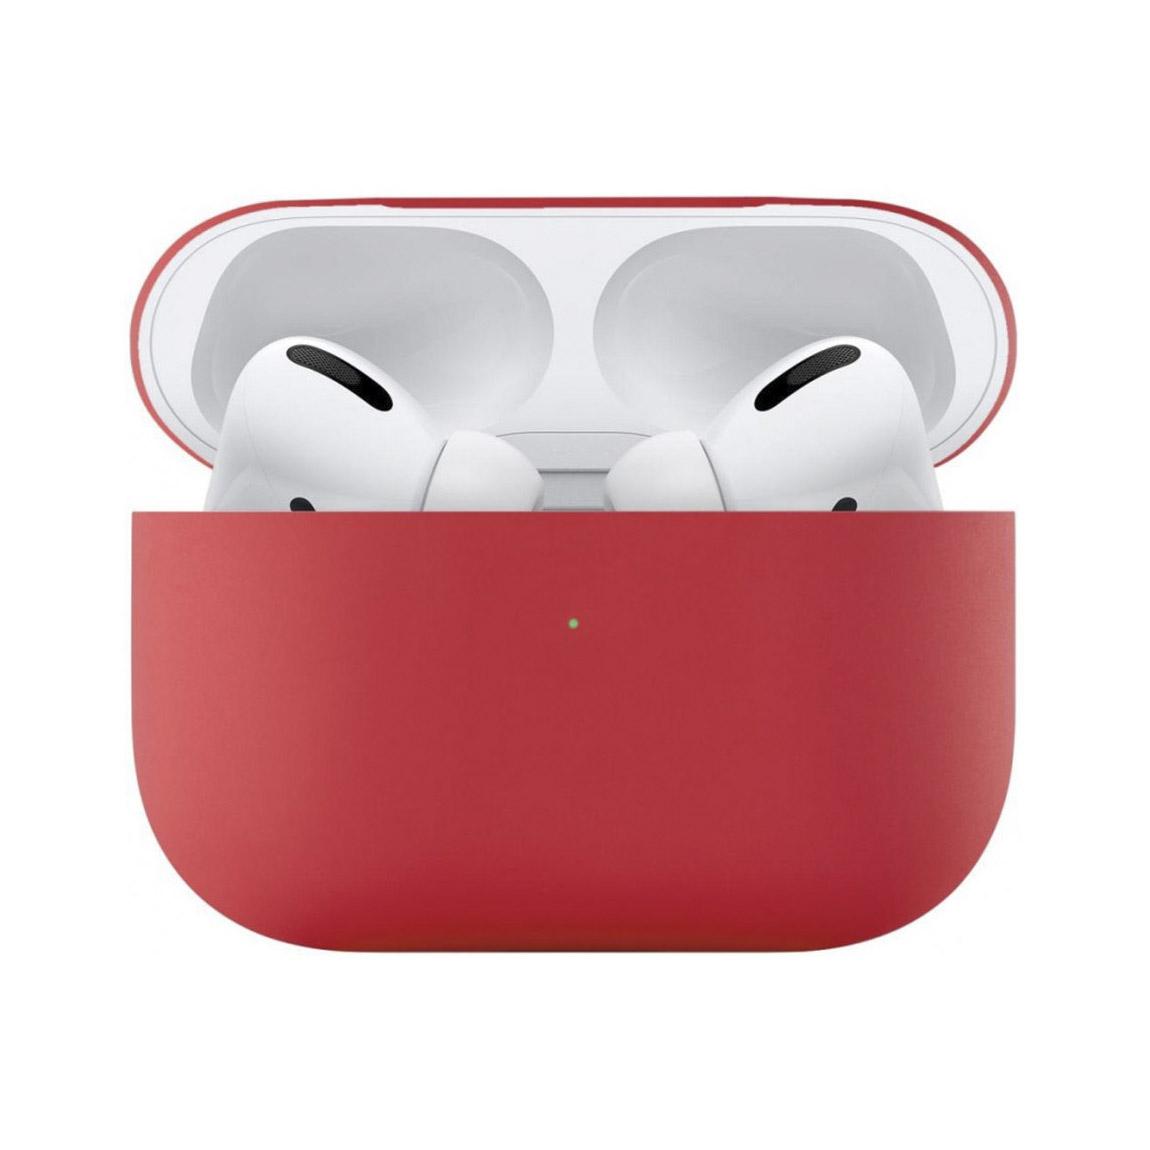 Чехол uBear для наушников Apple AirPods Pro, красный фото